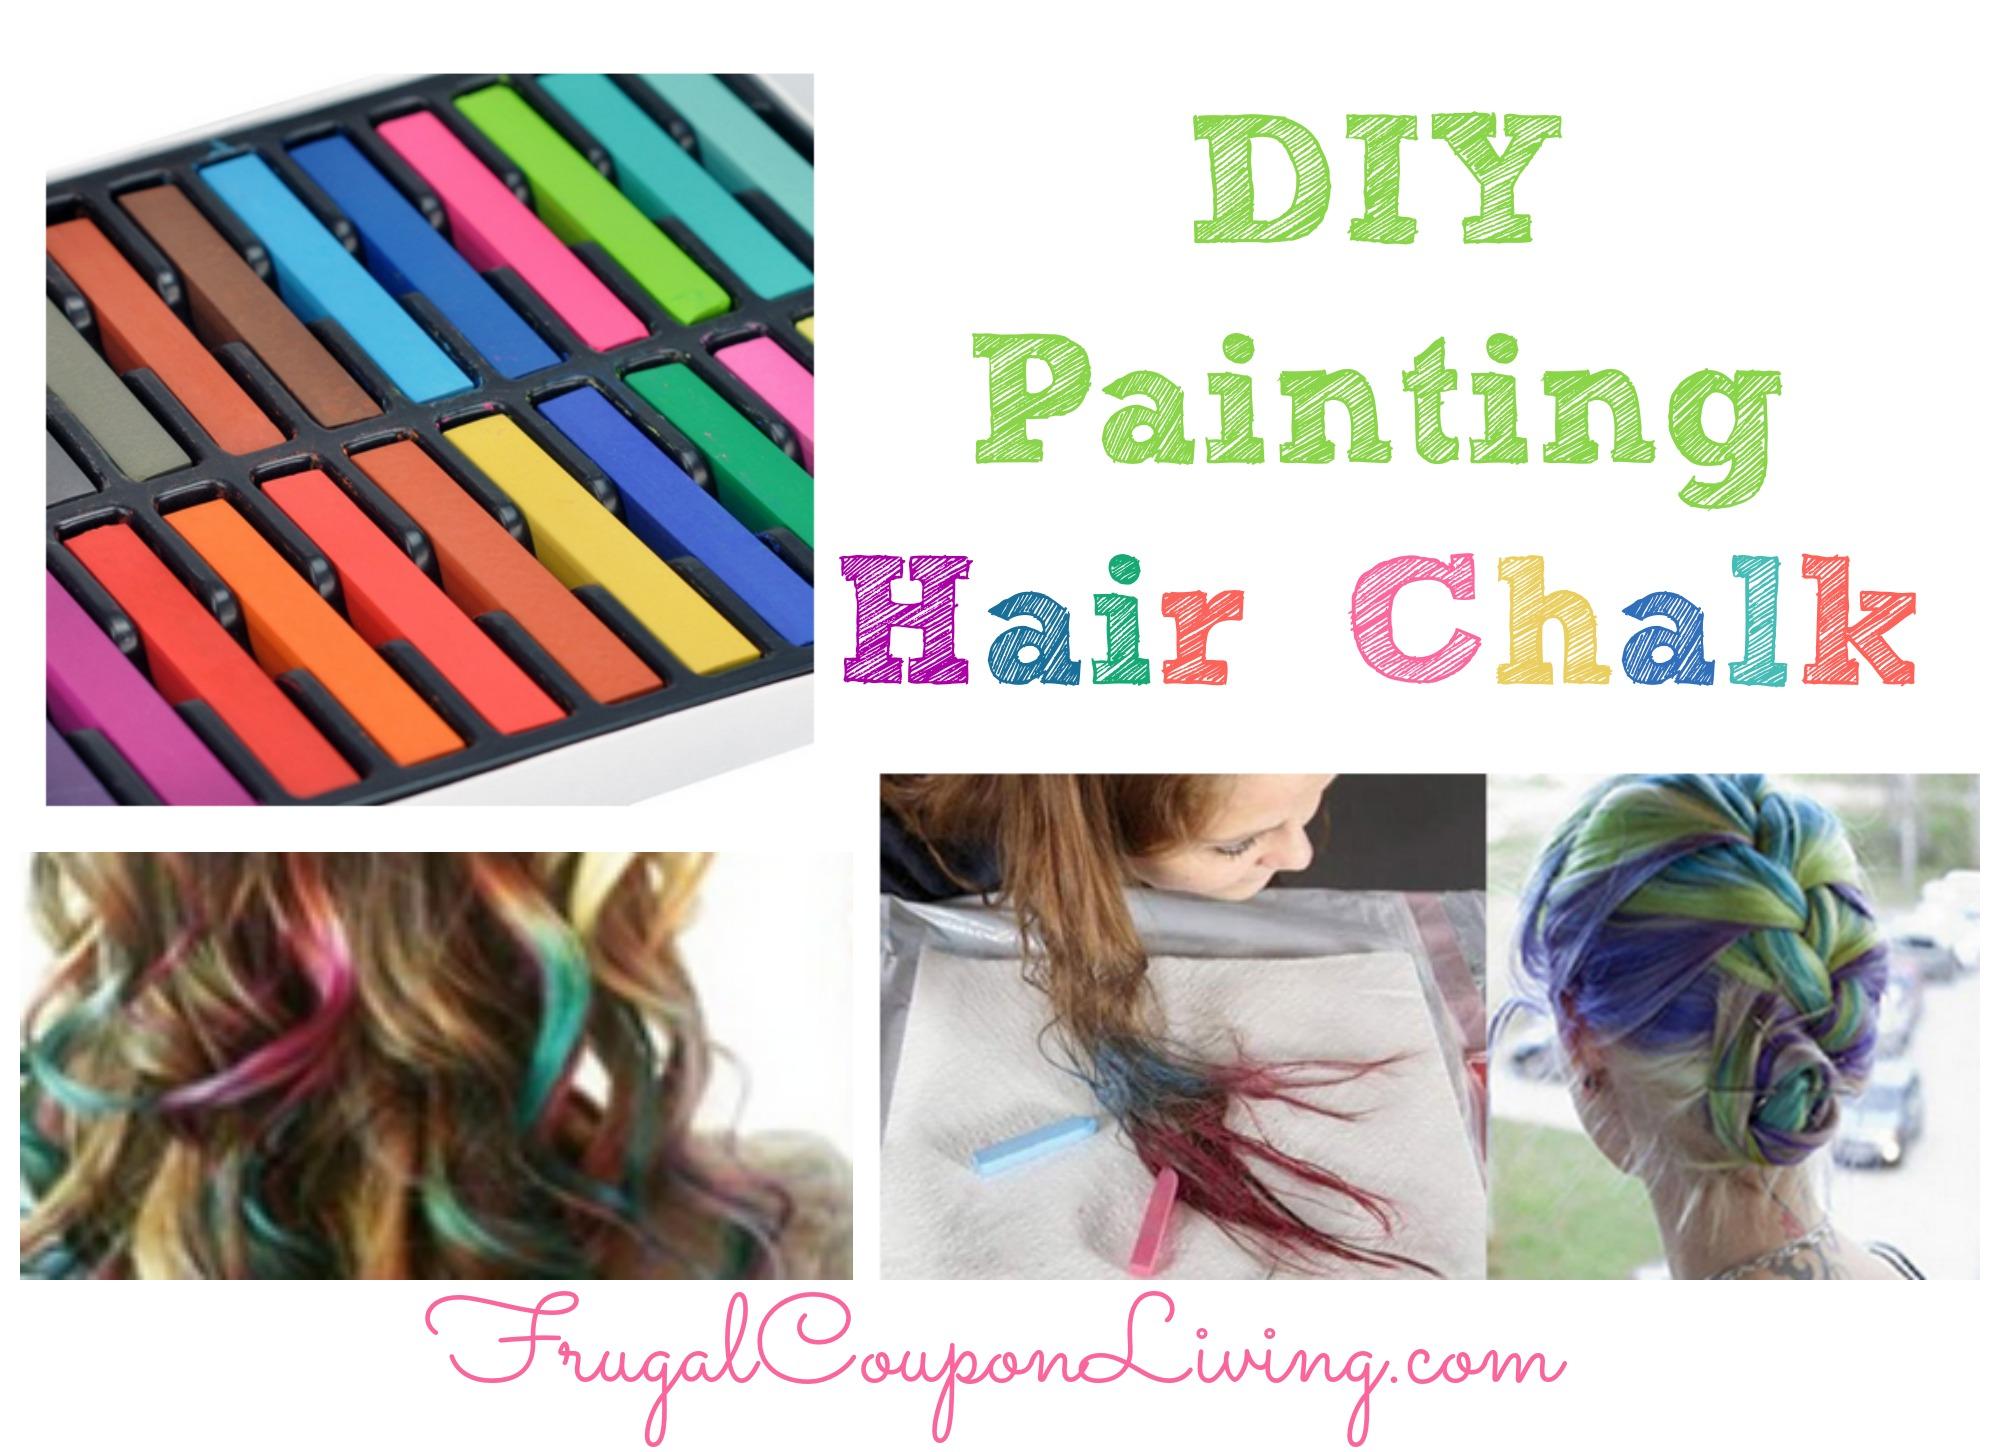 Painting Crafts Com Coupon